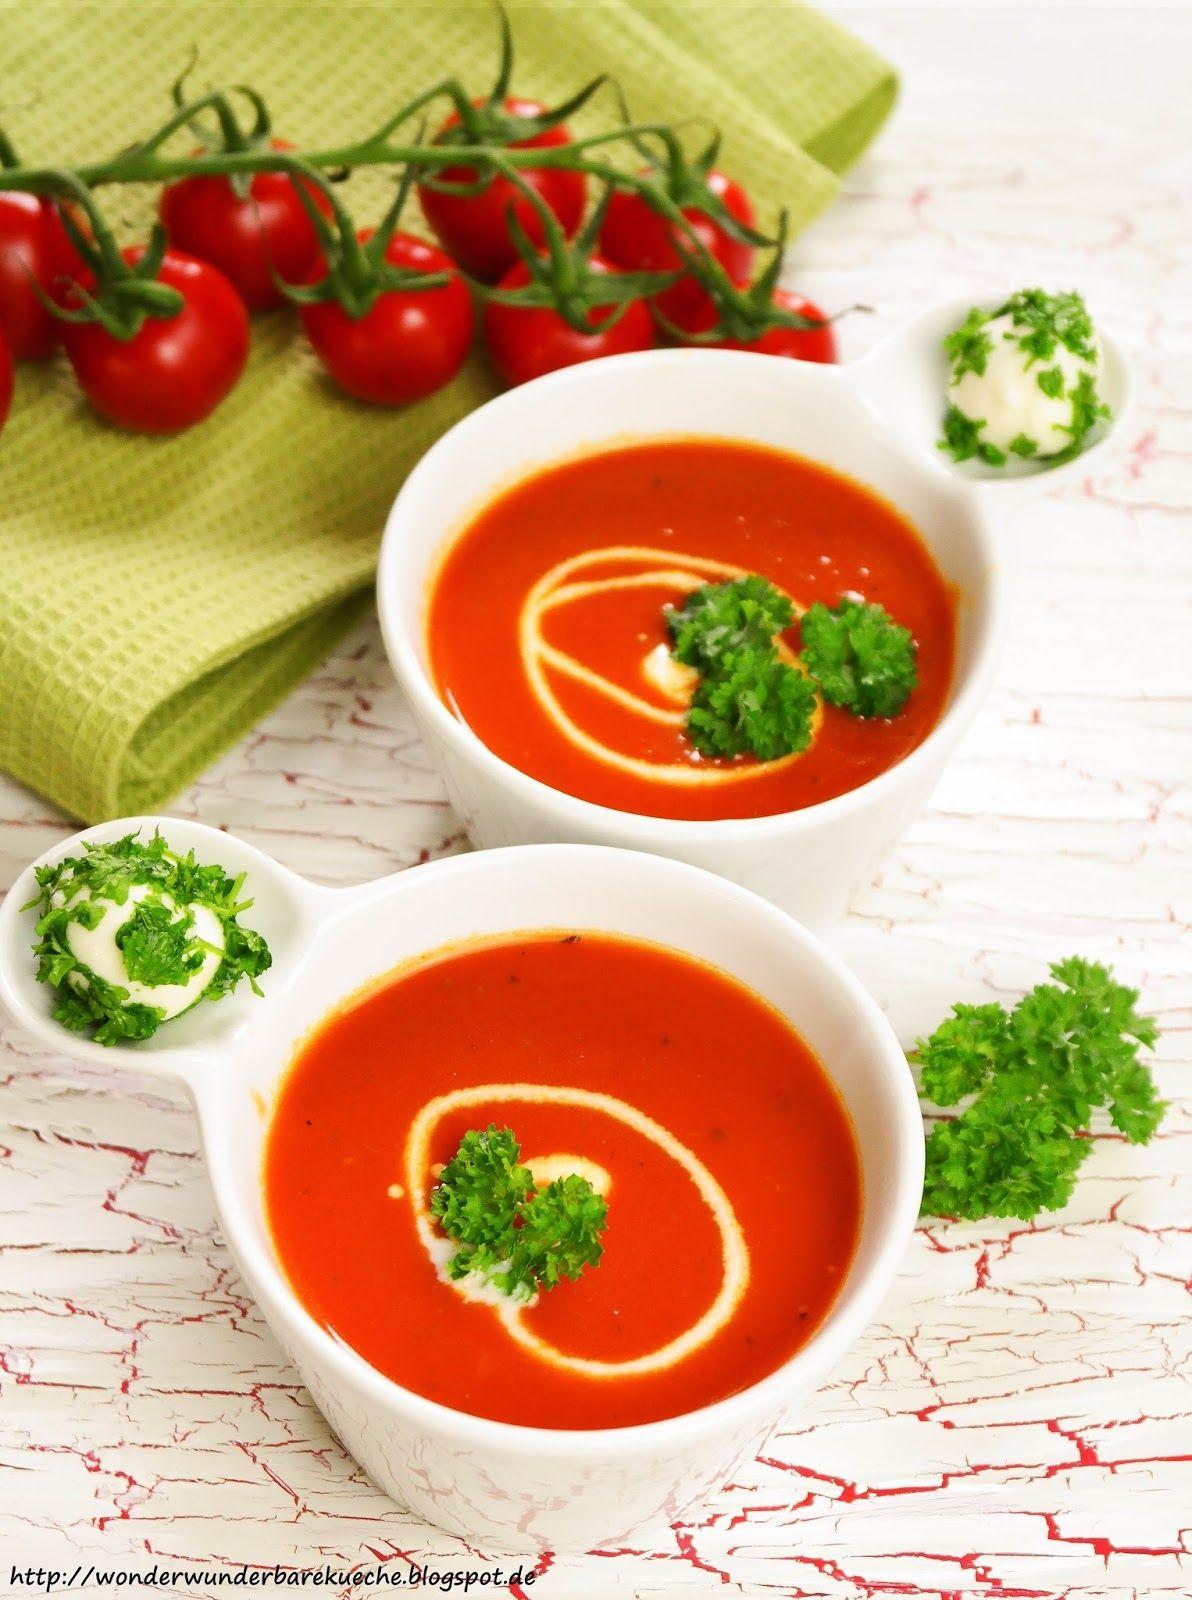 Tomatensuppe Brigitte selbstgemachte tomatensuppe tomatencremesuppe aus sonnengereiften